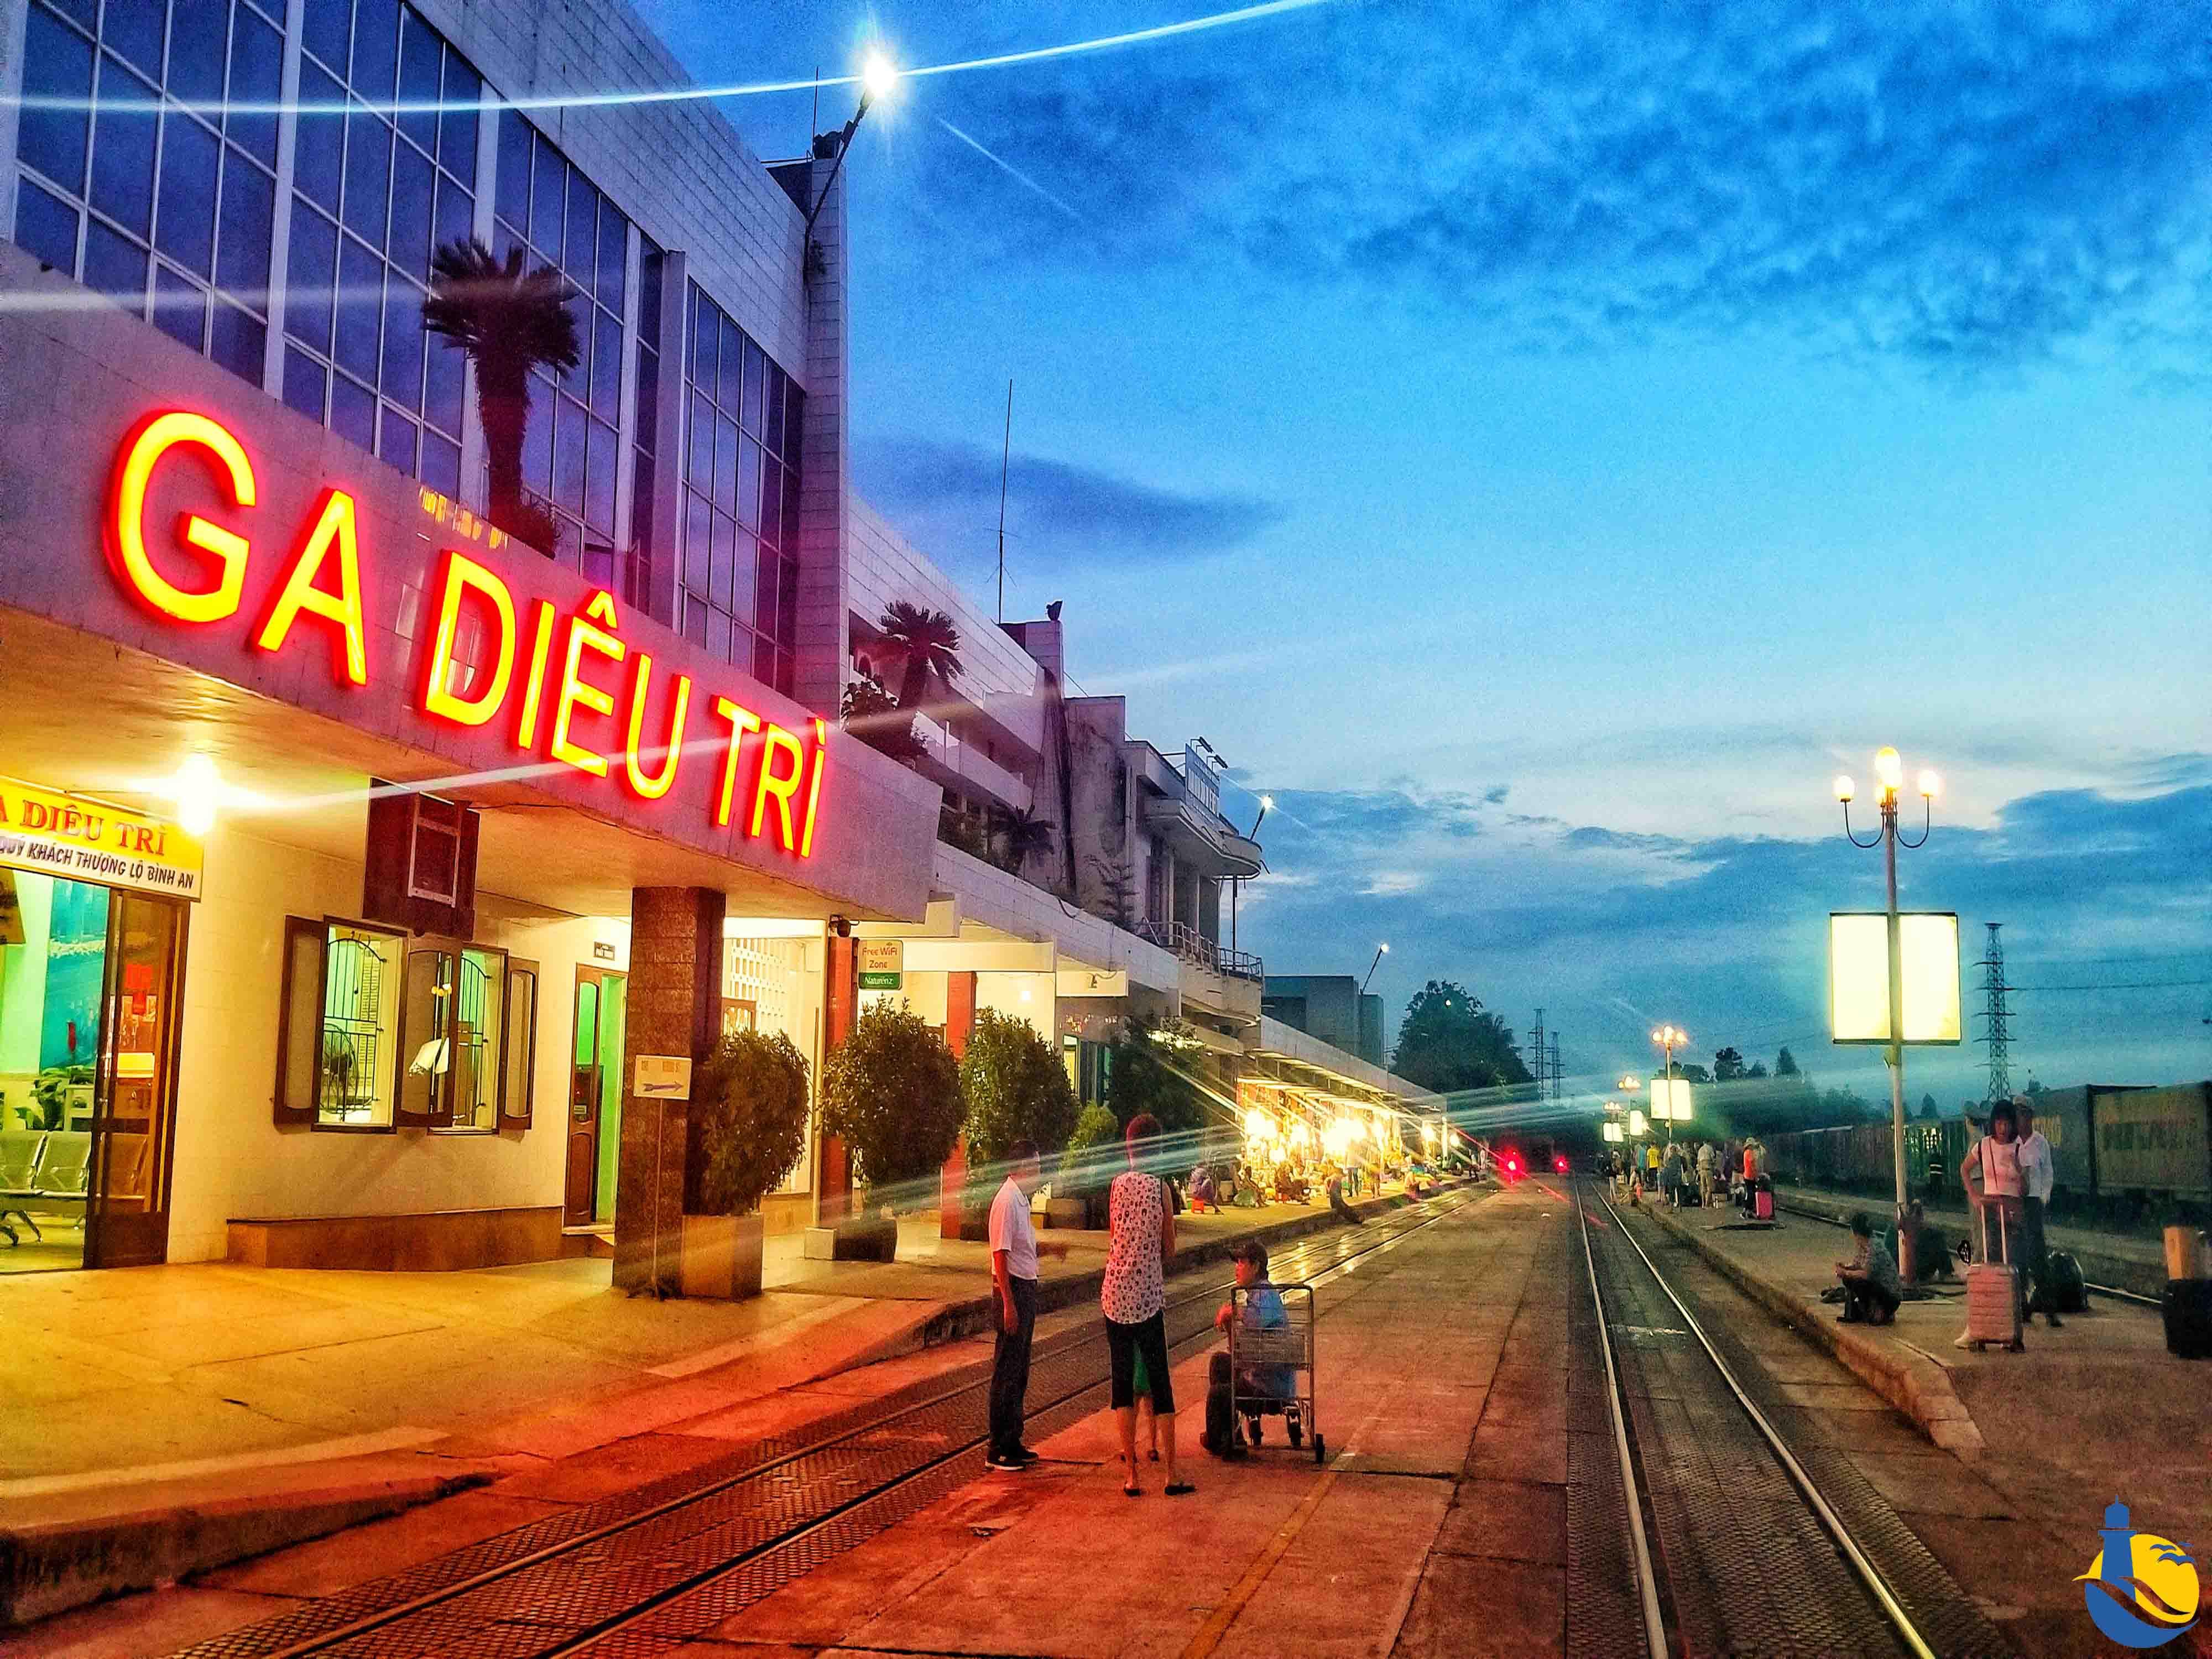 Du lịch Quy Nhơn ga tàu hỏa